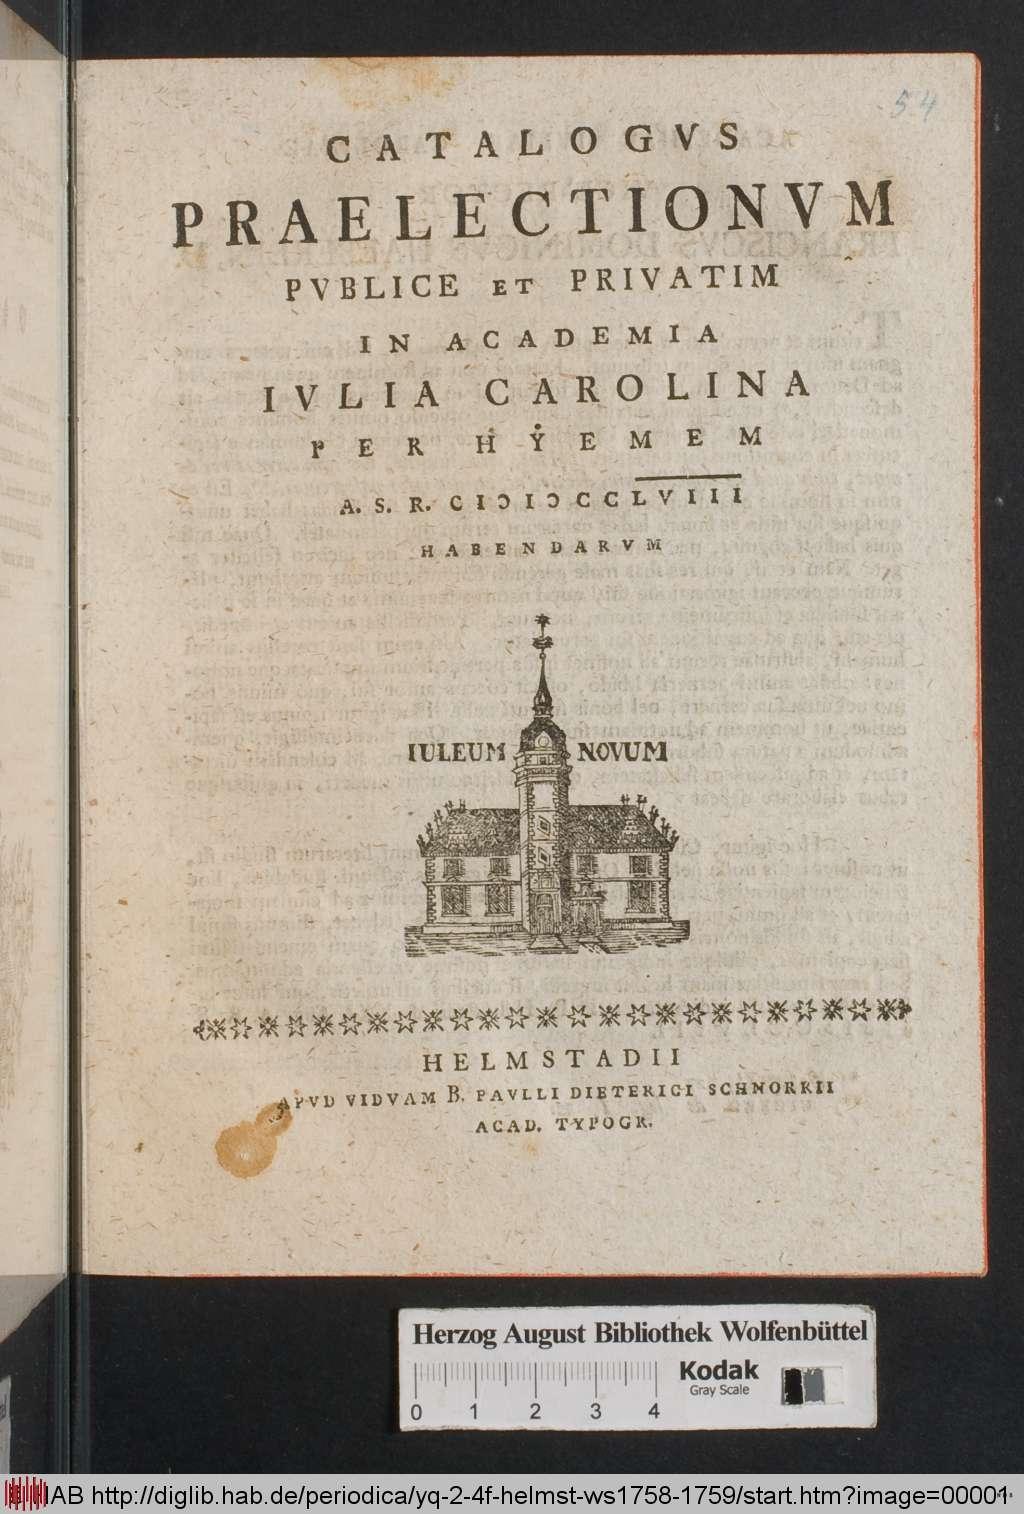 http://diglib.hab.de/periodica/yq-2-4f-helmst-ws1758-1759/00001.jpg